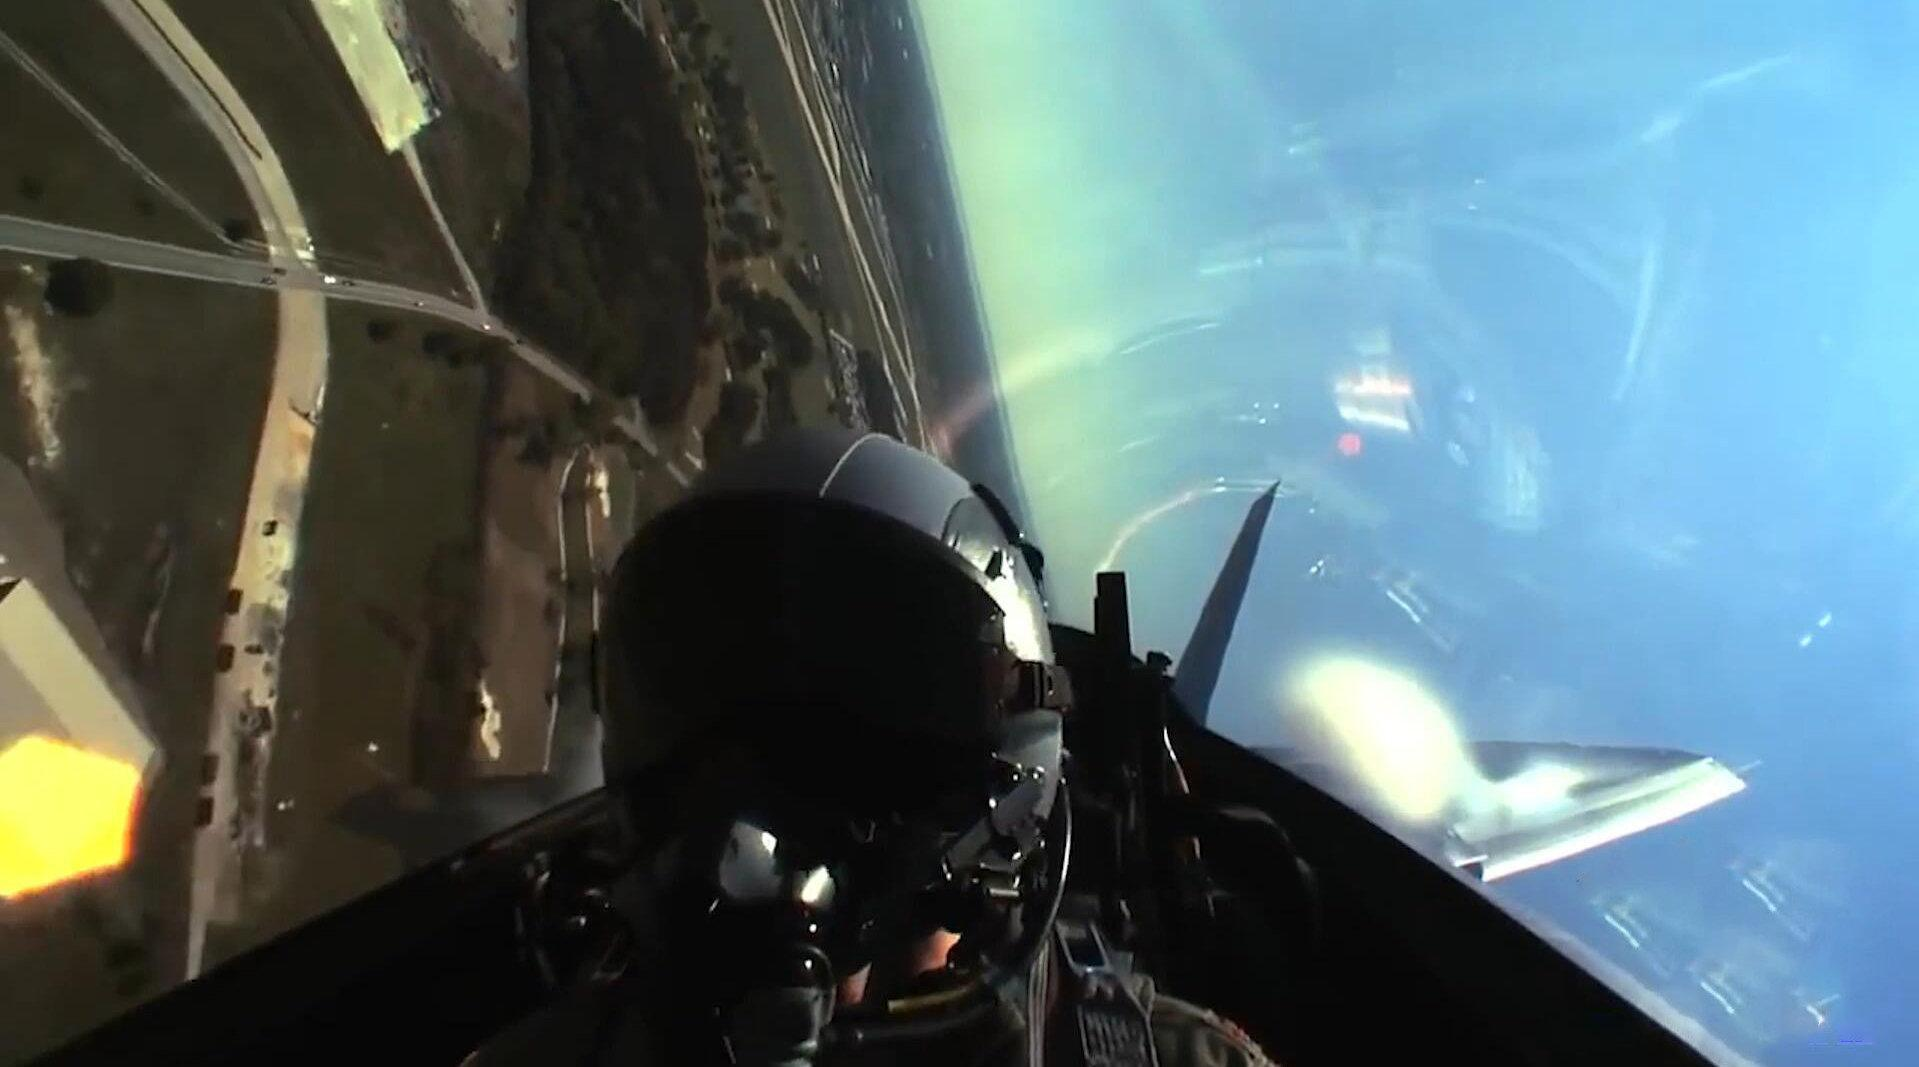 美军F22战斗机驾驶舱飞行视角,机身产生的涡流云清晰可见!